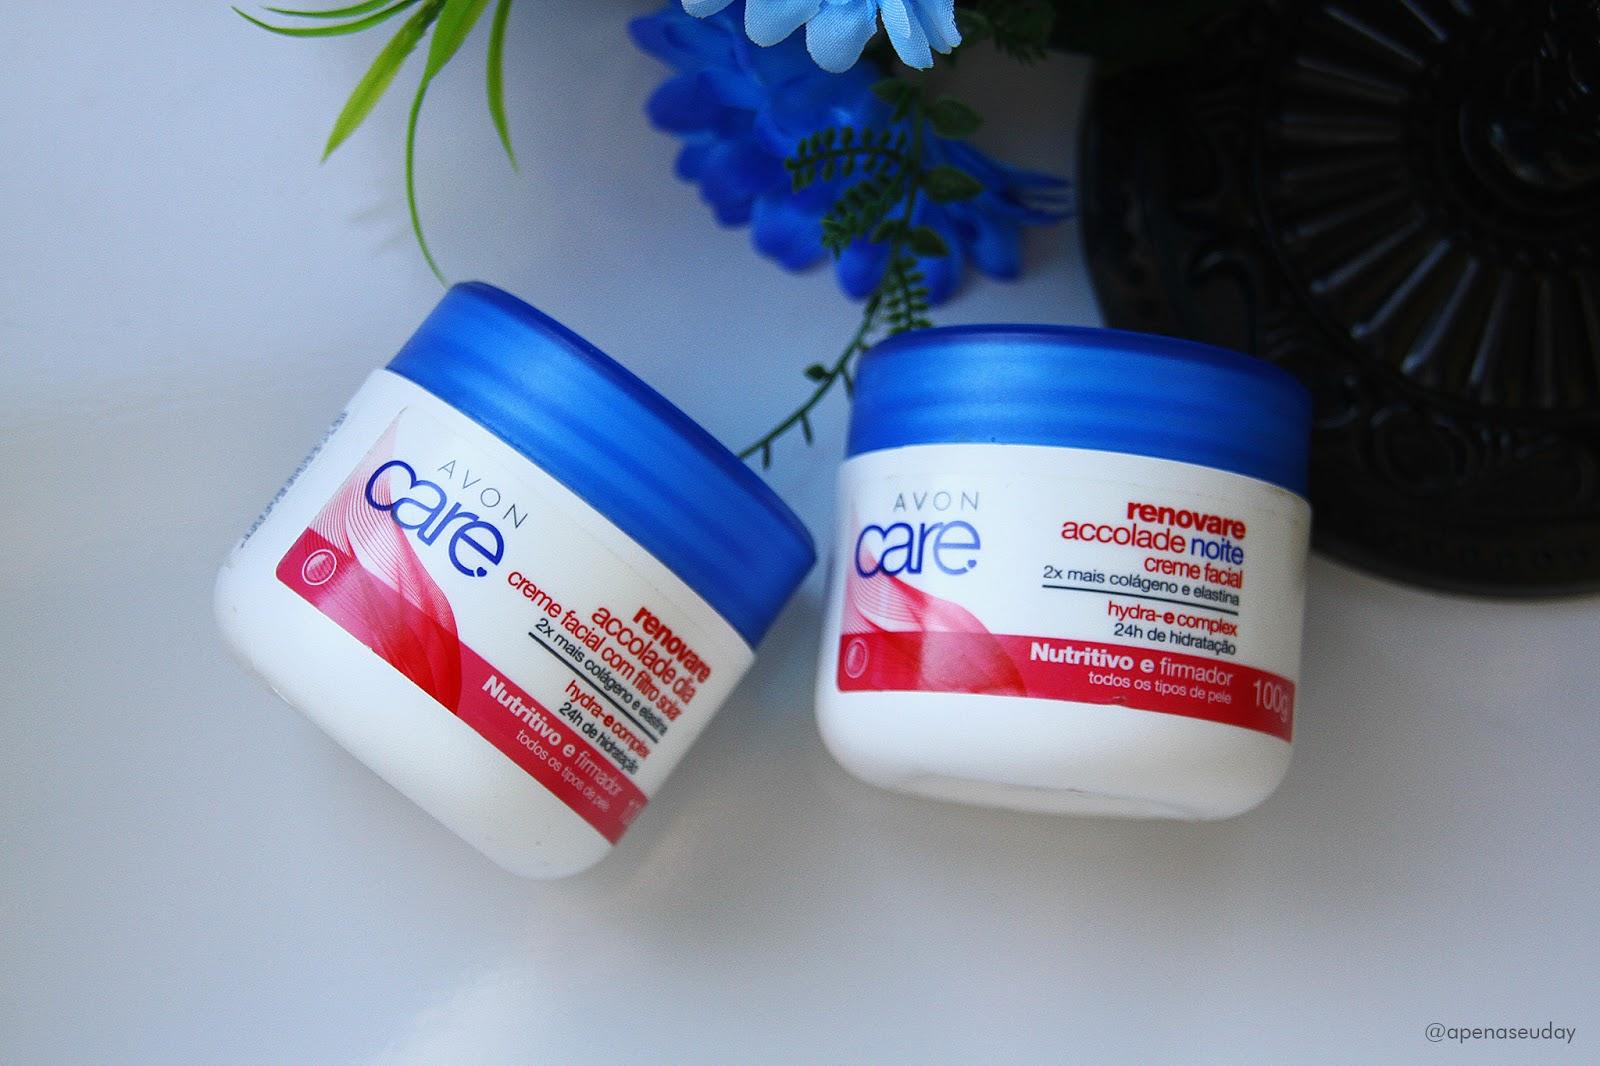 Saiba como cuidar da sua pele facial perfeitamente com produtos excelentes e dicas incríveis que irão deixar com uma textura maravilhosa. Acesse agora!